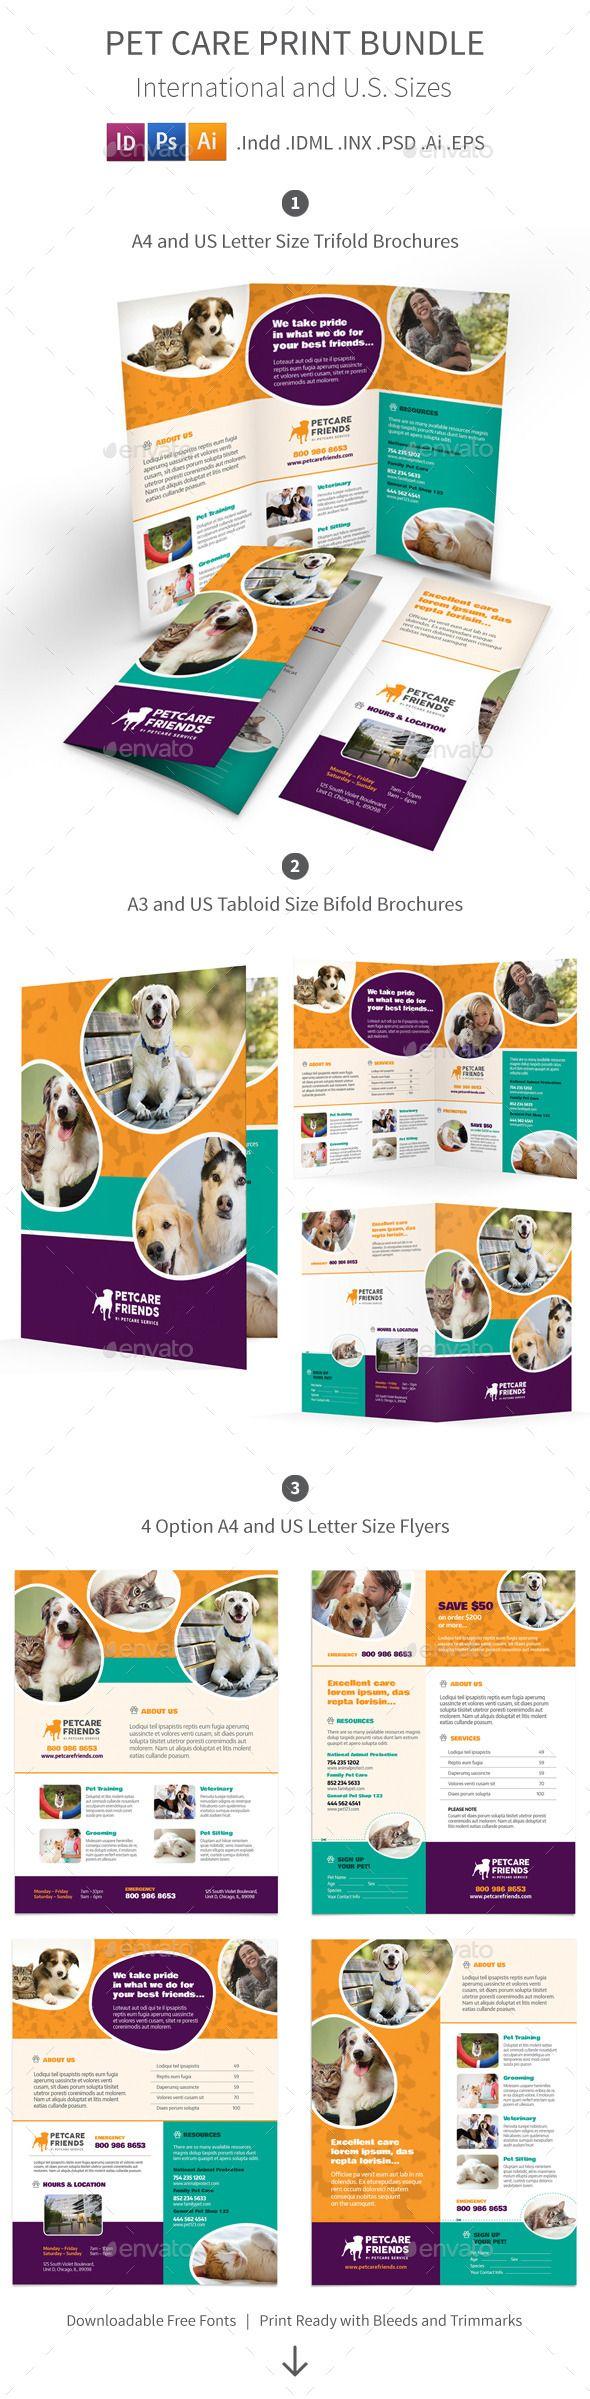 Pet Care Print Bundle Brochure Template Brochures And Template - Informational brochure template